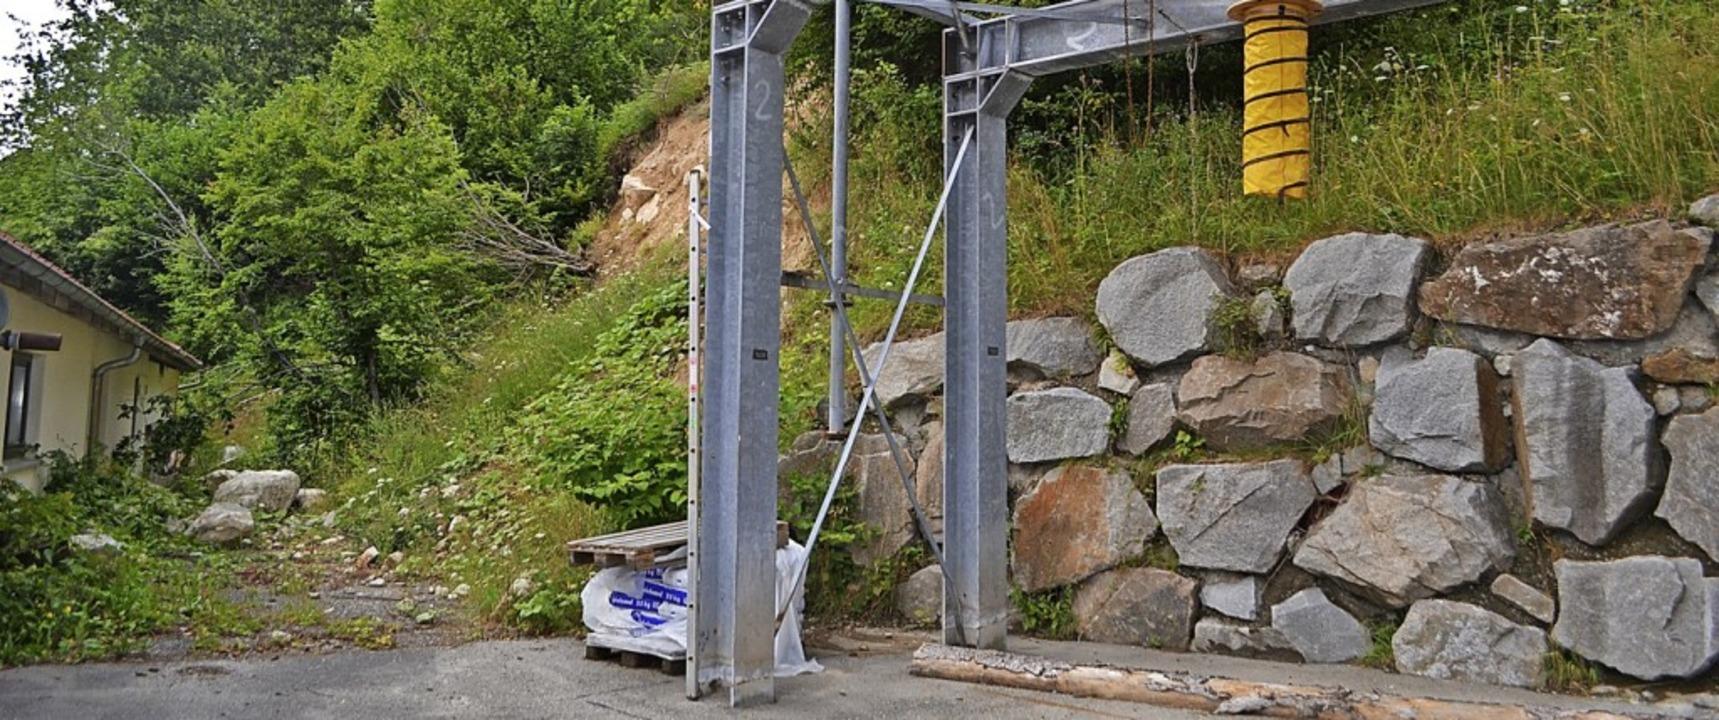 Um die steile Hangböschung beim Weides...l eine stabile Mauer errichtet werden.    Foto: Paul Berger